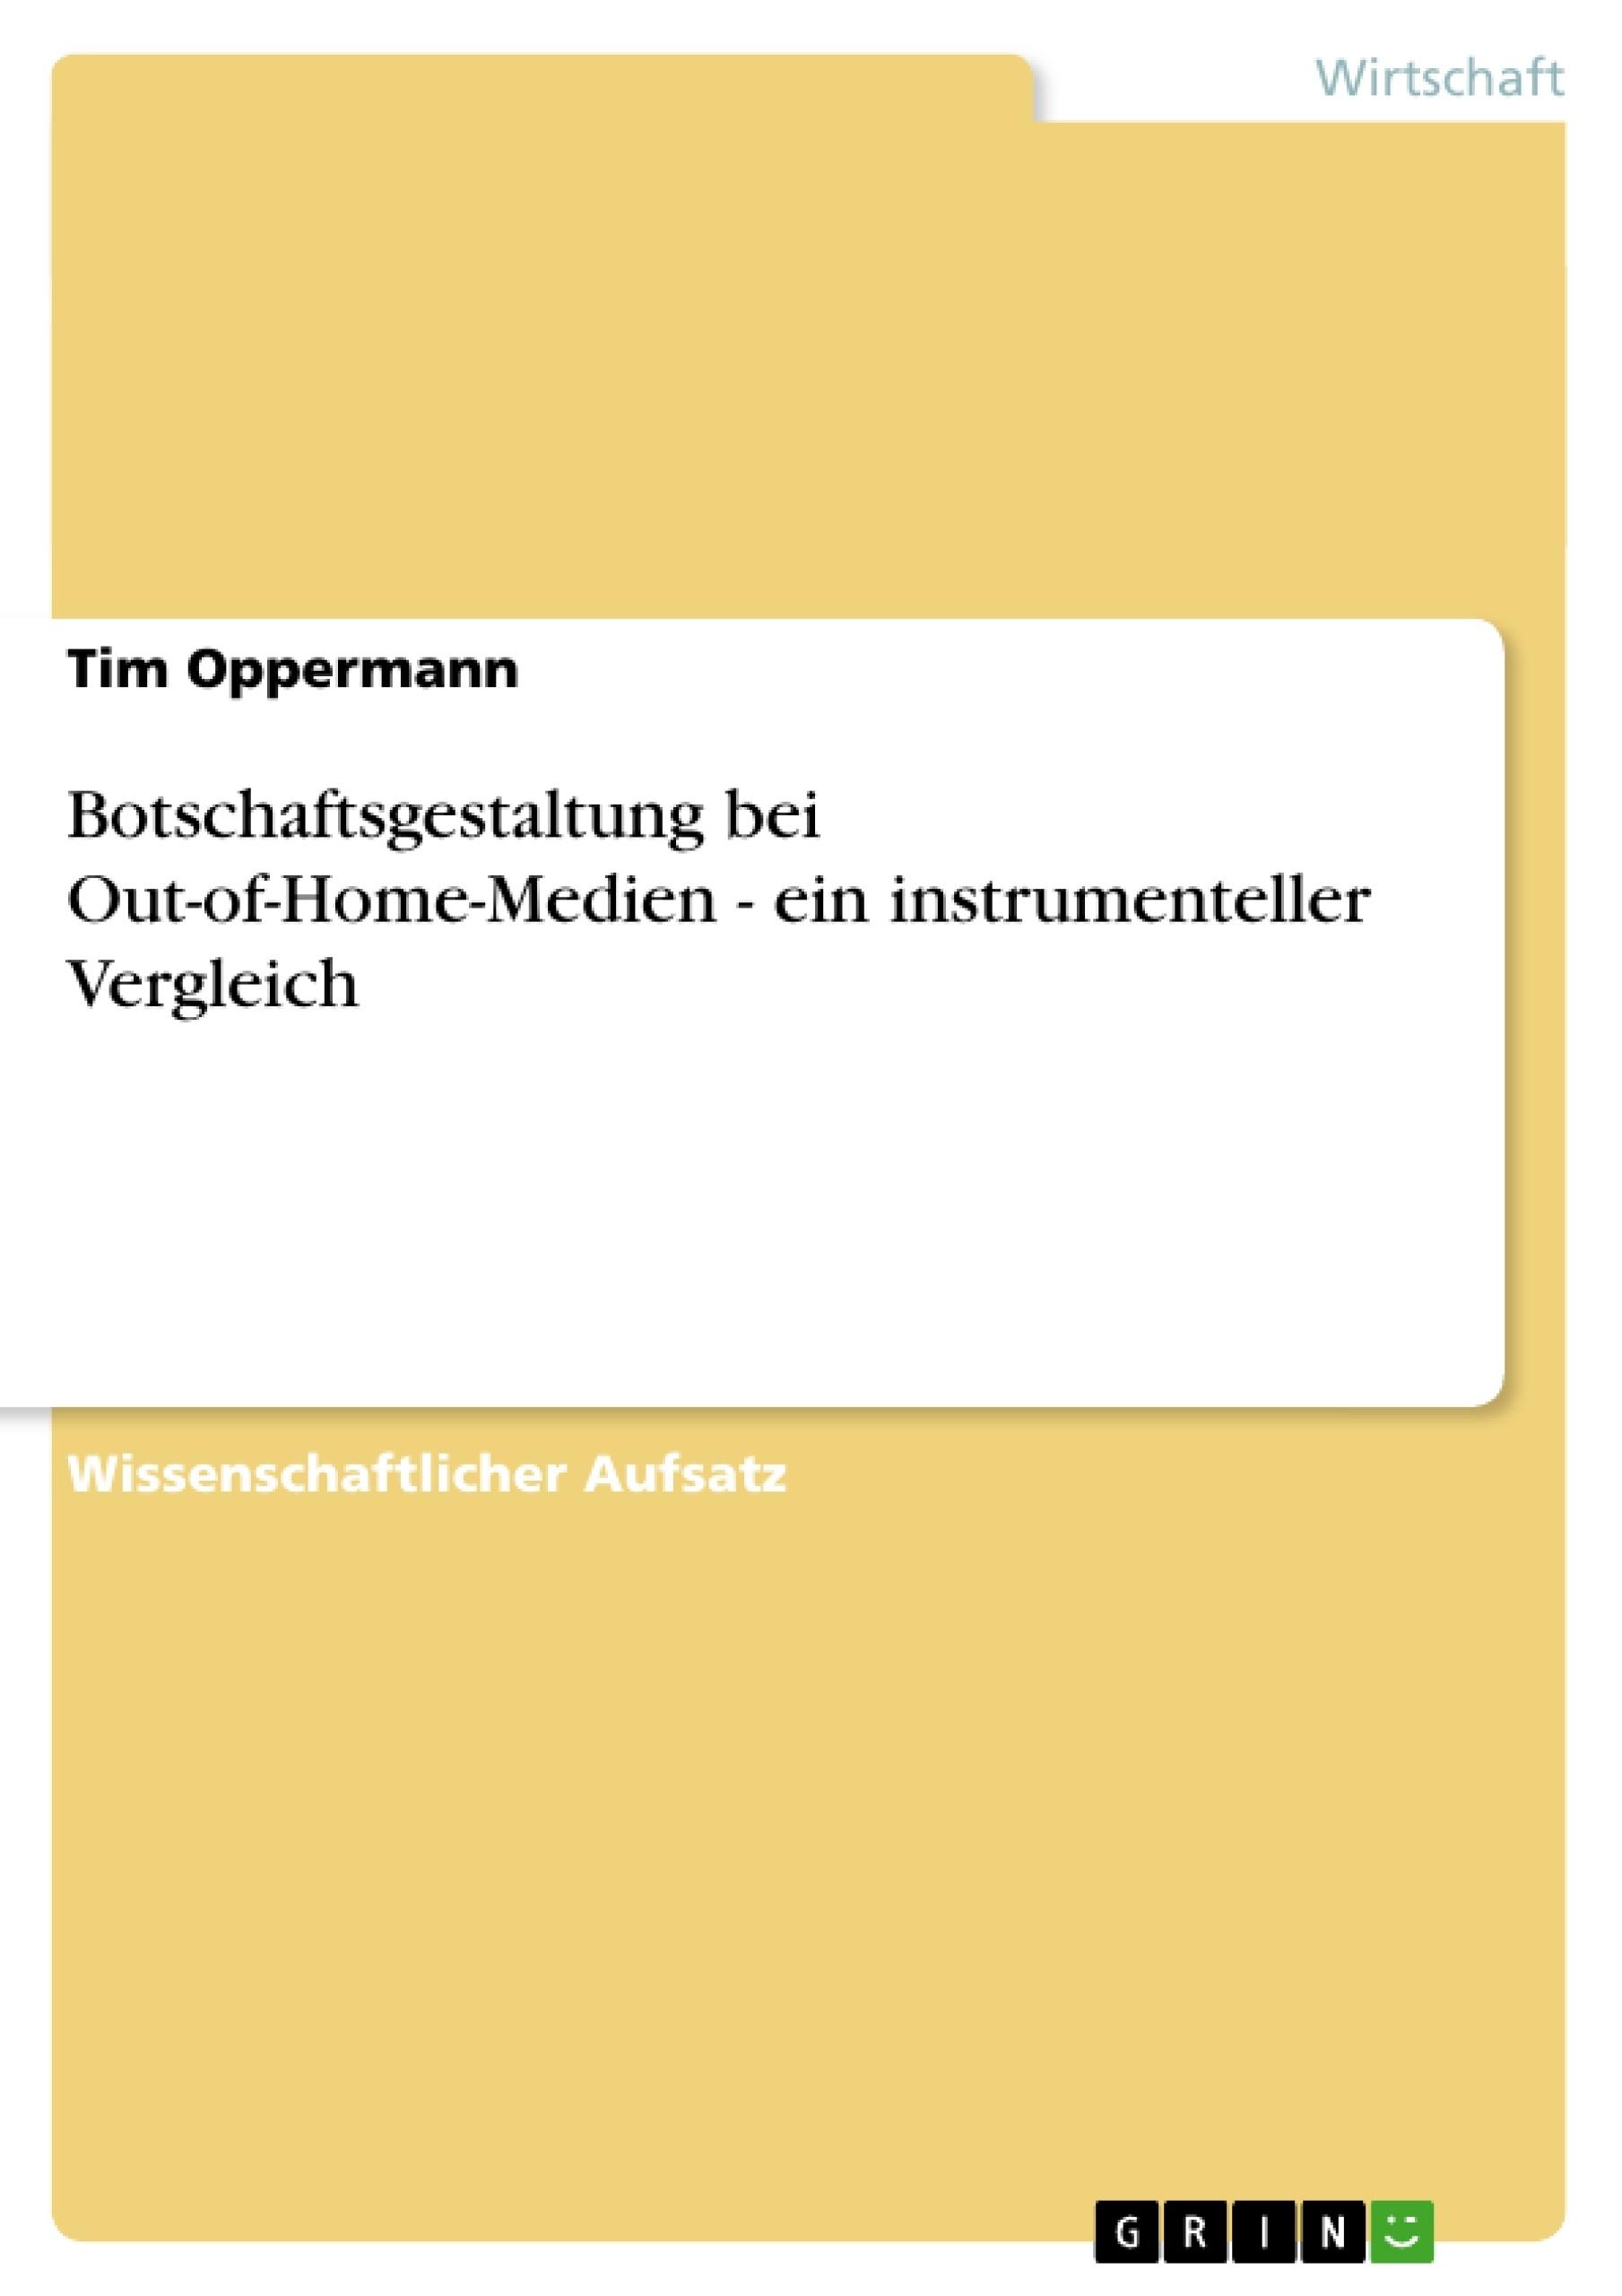 Titel: Botschaftsgestaltung bei Out-of-Home-Medien - ein instrumenteller Vergleich